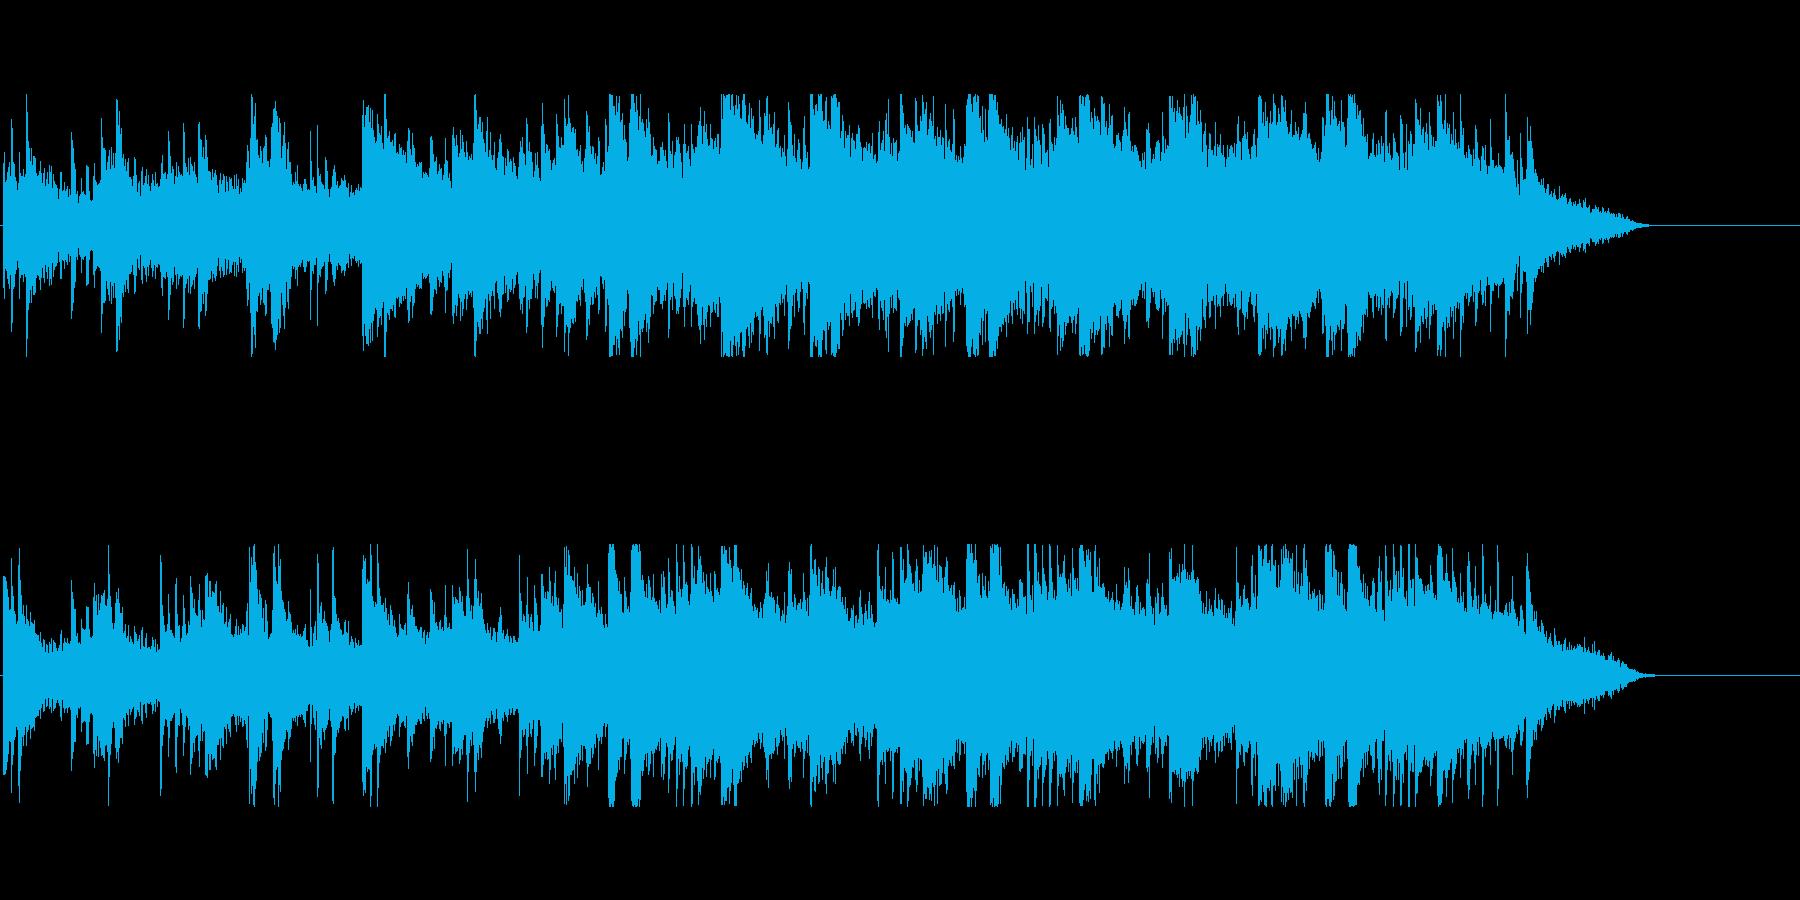 幻想 神秘 朝 川 水 星 自然 目覚めの再生済みの波形